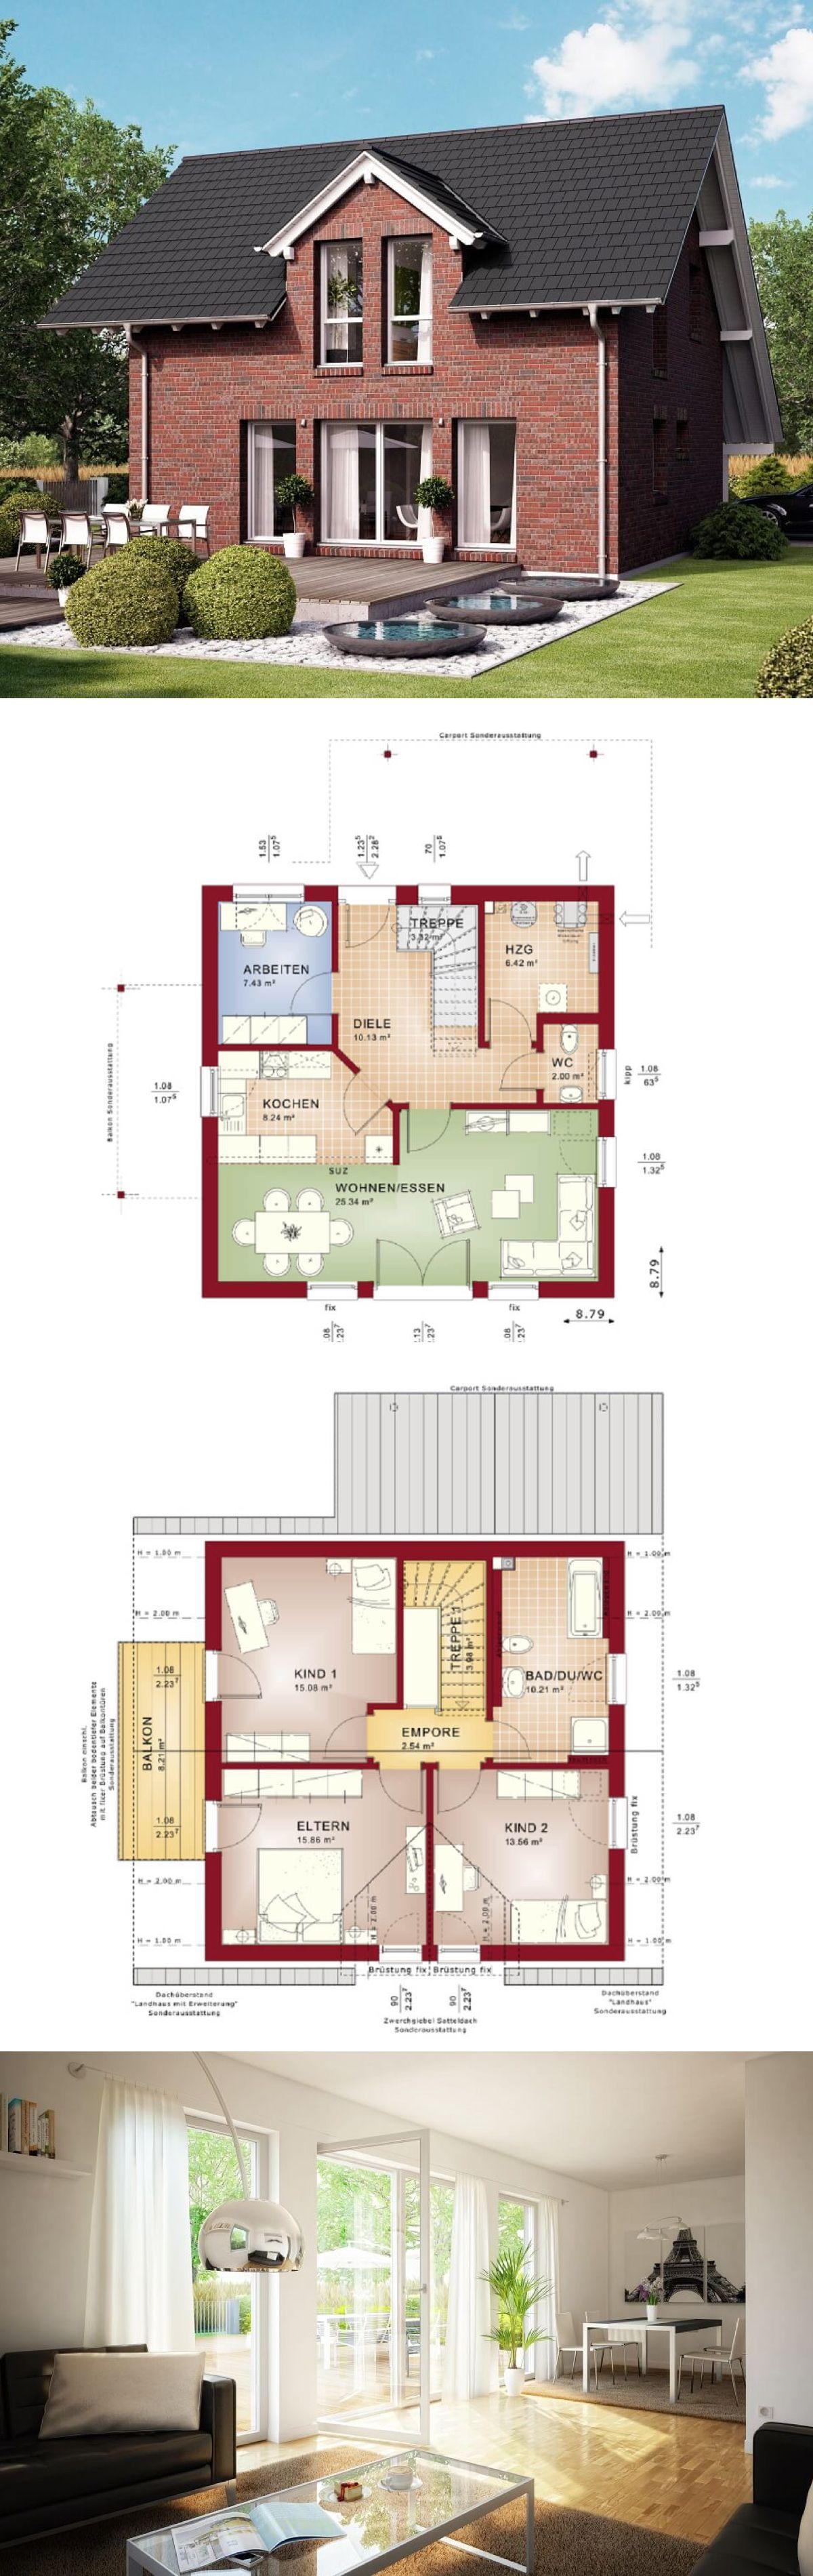 Einfamilienhaus modern satteldach grundriss  EINFAMILIENHAUS MIT KLINKER FASSADE // Haus Celebration 125 V2 ...